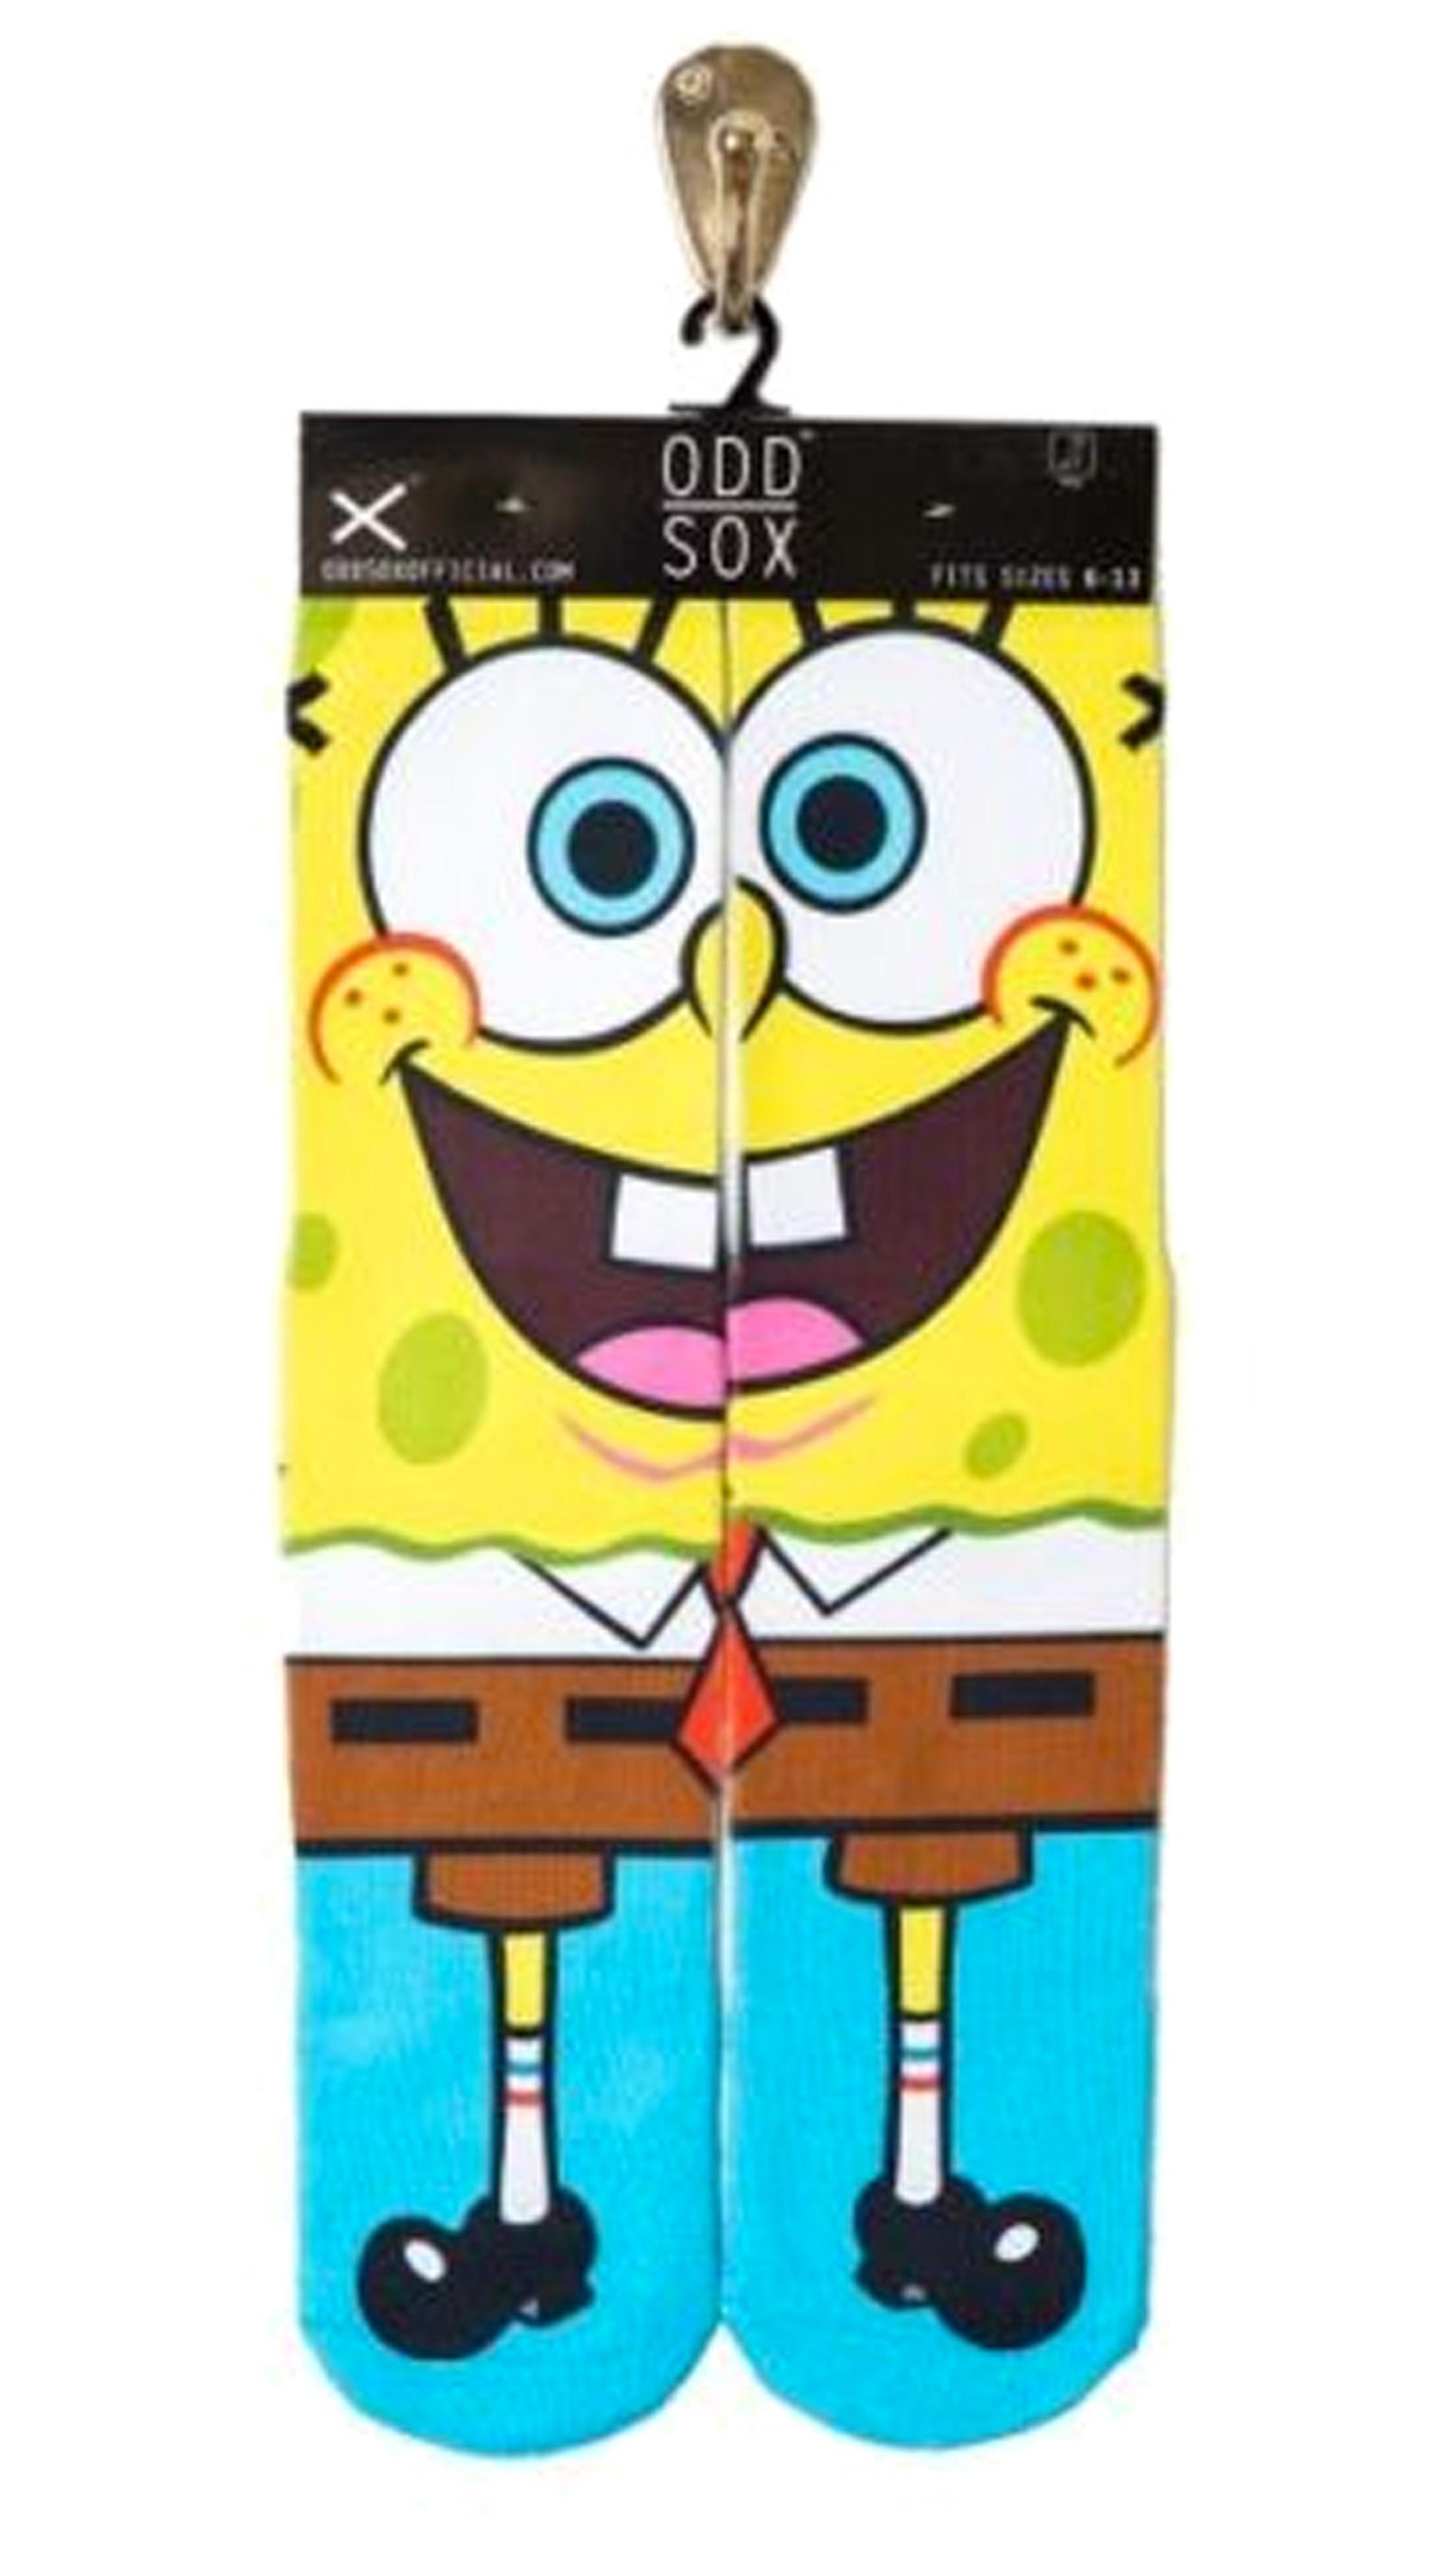 ODD Sox - Spongebob Schwammkopf Socken